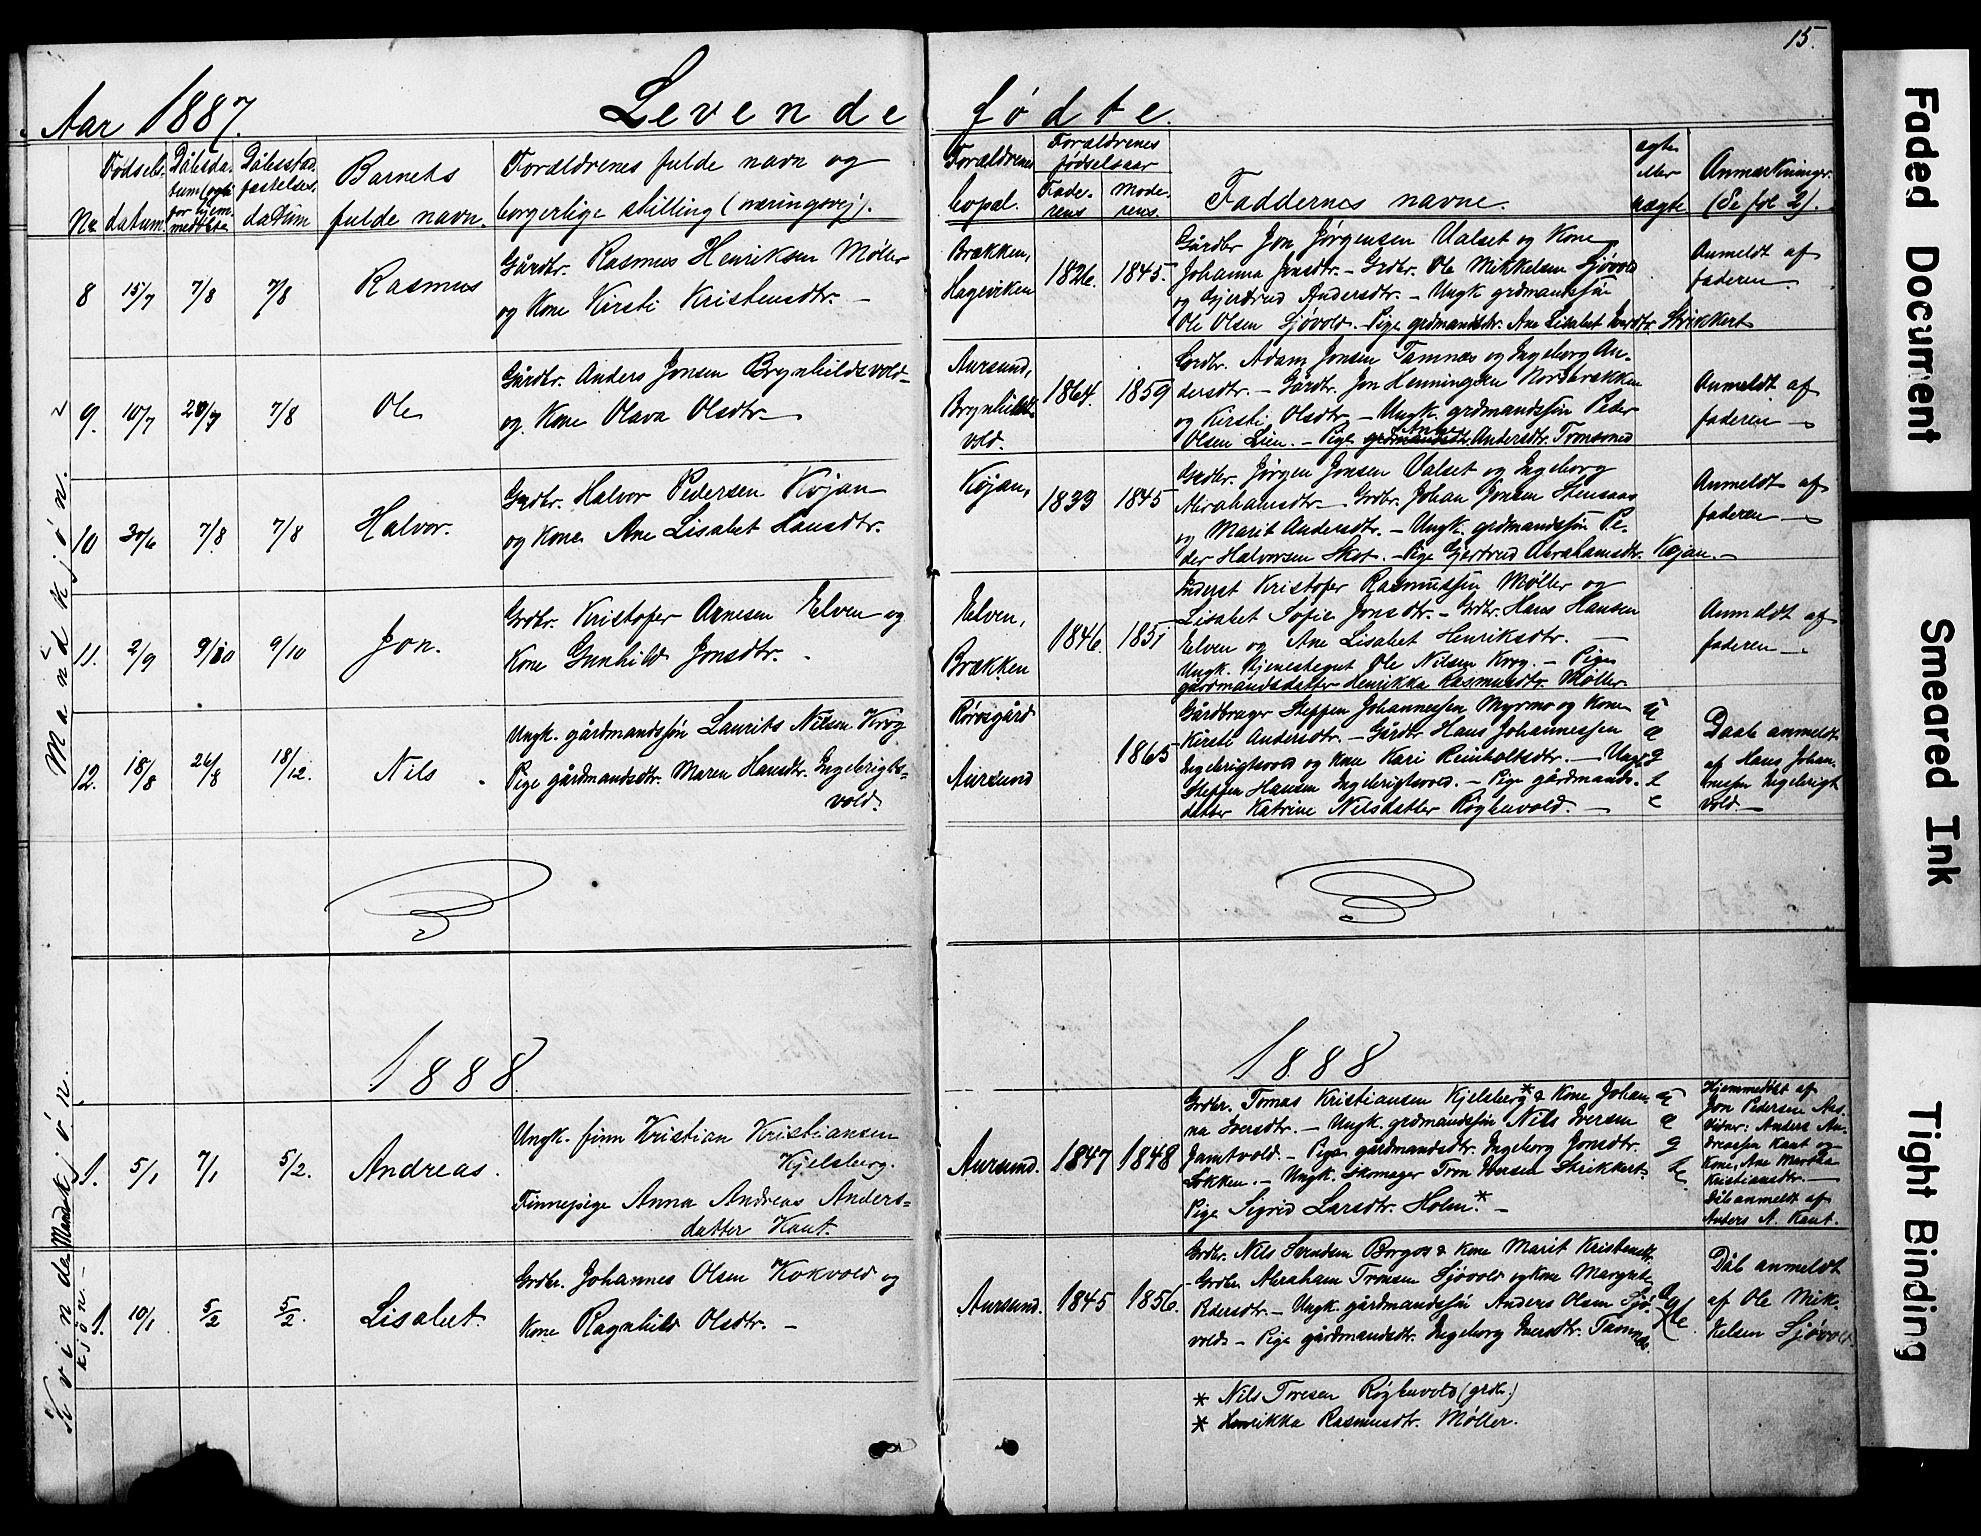 SAT, Ministerialprotokoller, klokkerbøker og fødselsregistre - Sør-Trøndelag, 683/L0949: Klokkerbok nr. 683C01, 1880-1896, s. 15